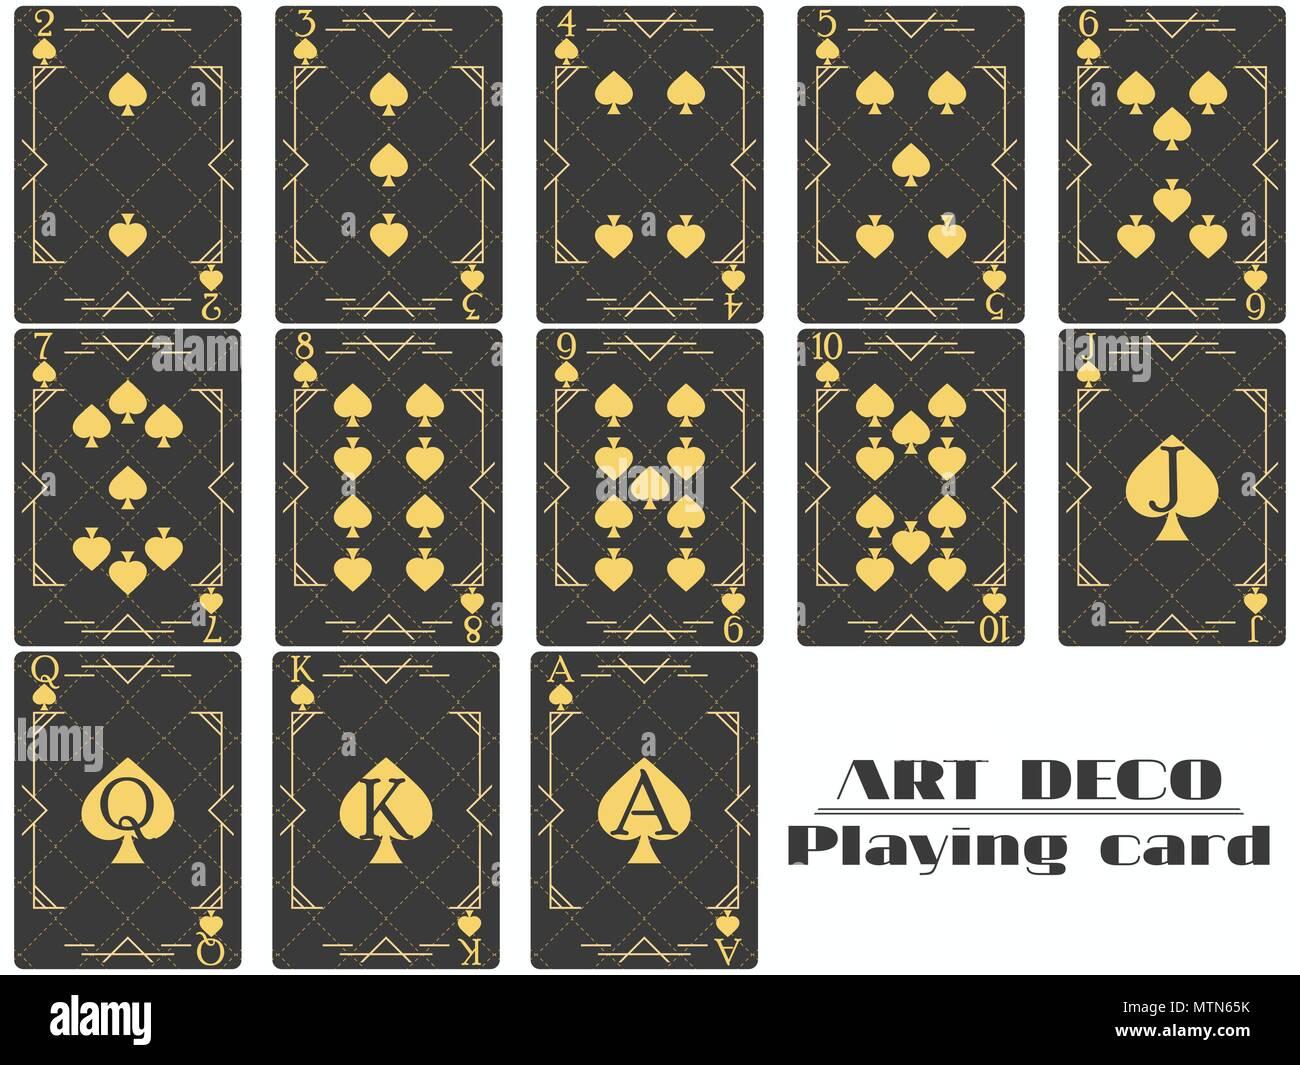 Cartes à jouer spade de même. Cartes de poker design original style art déco. Vector illustration Photo Stock